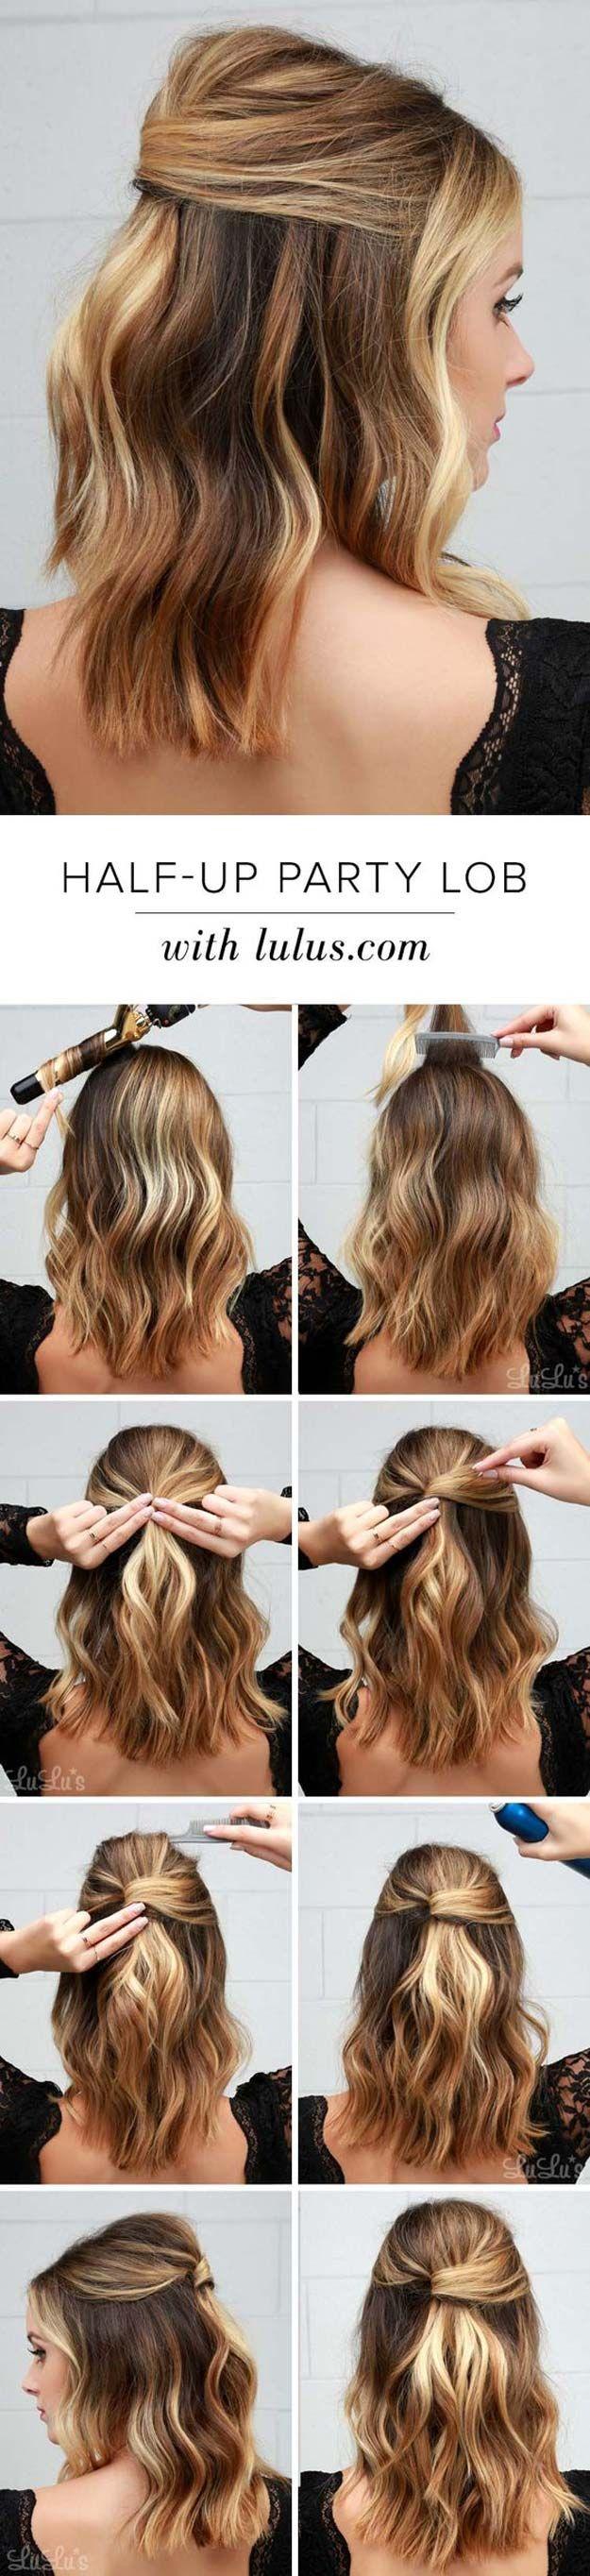 Pleasant 1000 Ideas About Easy Work Hairstyles On Pinterest Work Short Hairstyles Gunalazisus